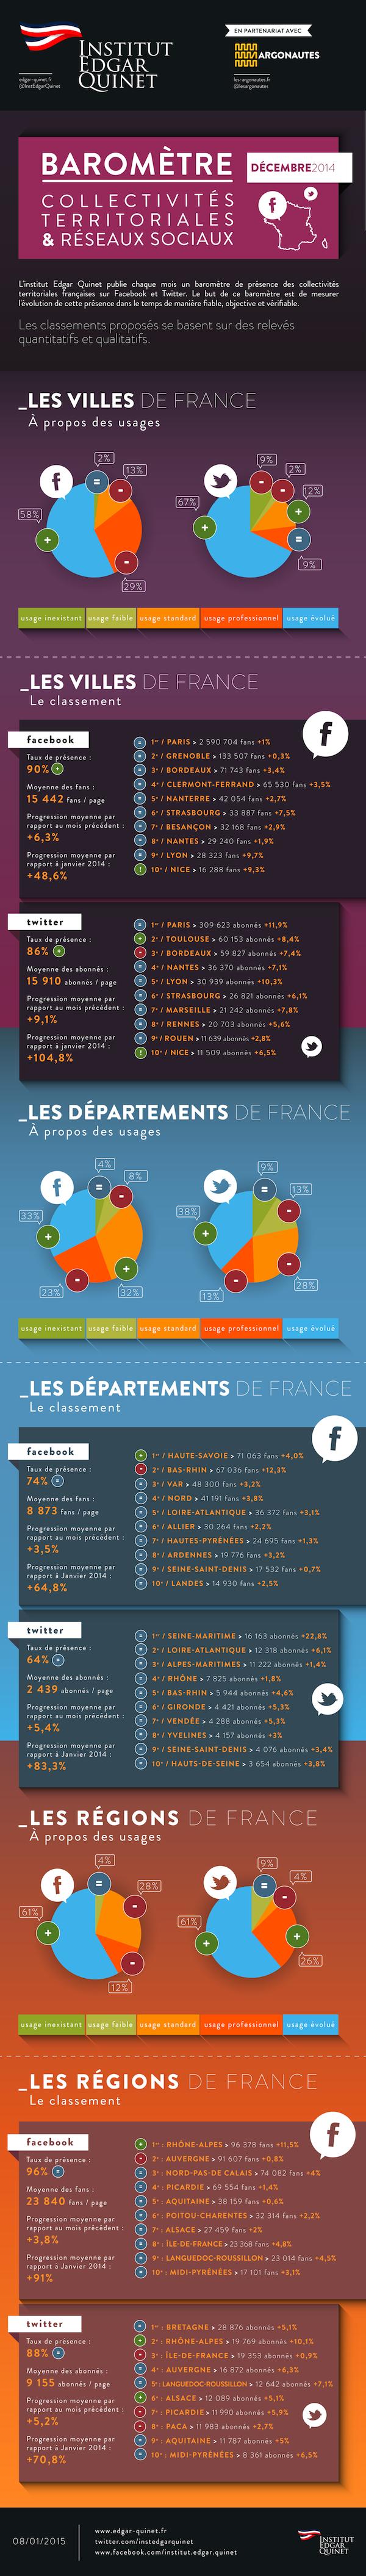 infographie_ decembre 2014_v3